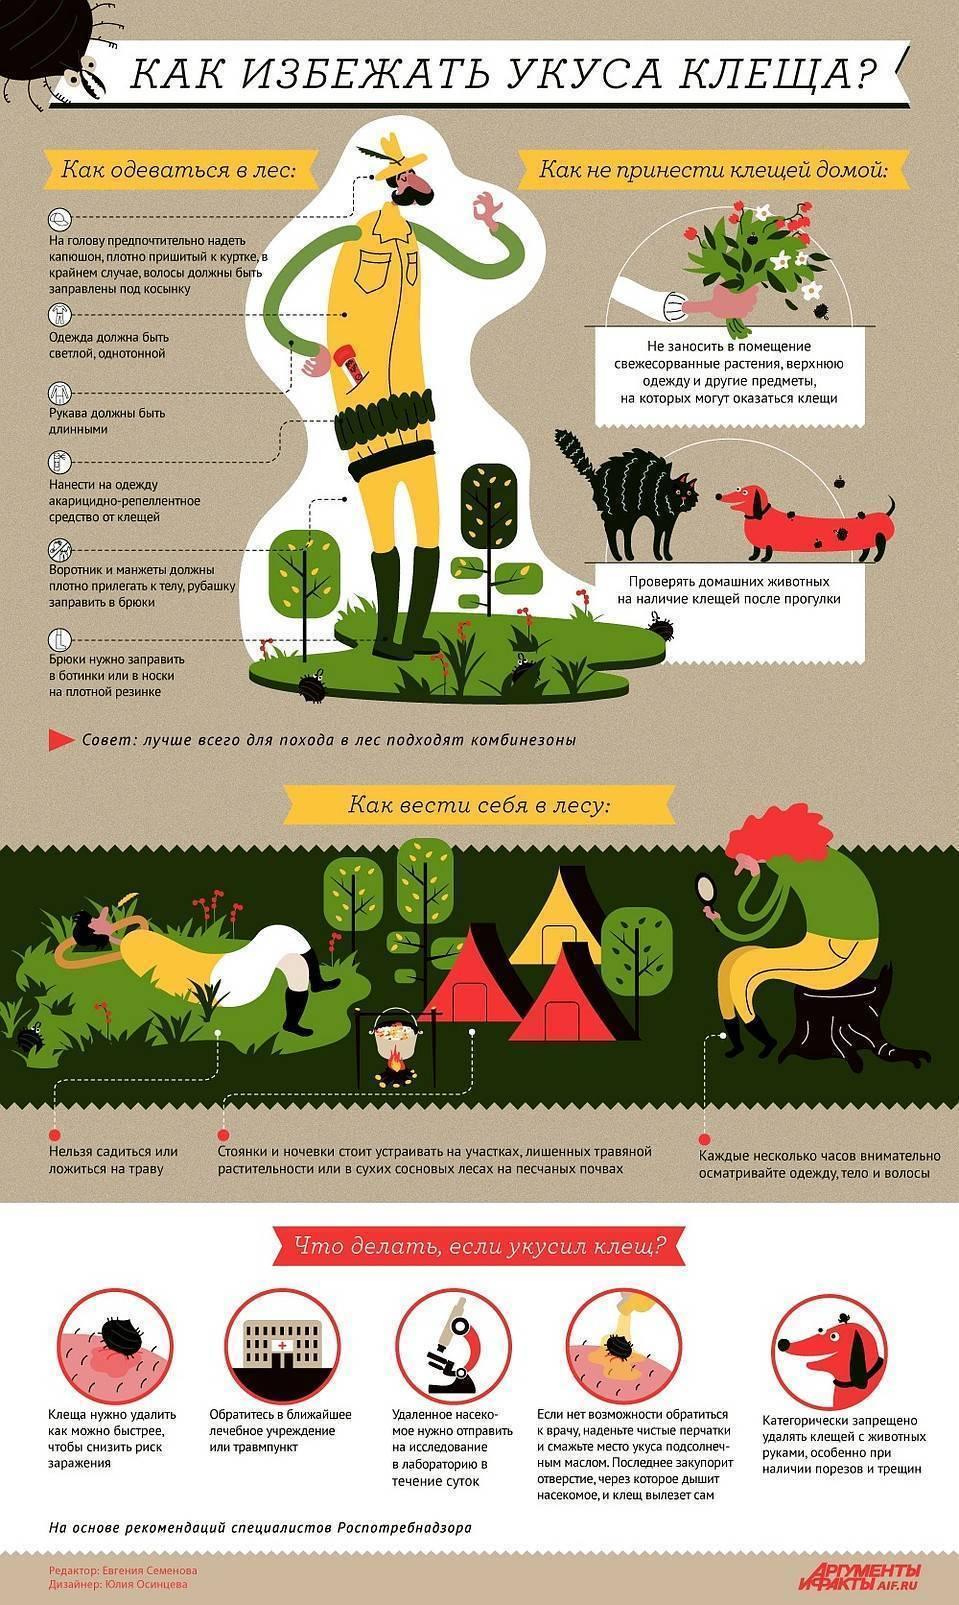 Сколько живёт клещ в природе и квартире, без еды и на теле человека, в одежде и плохую погоду в лесу